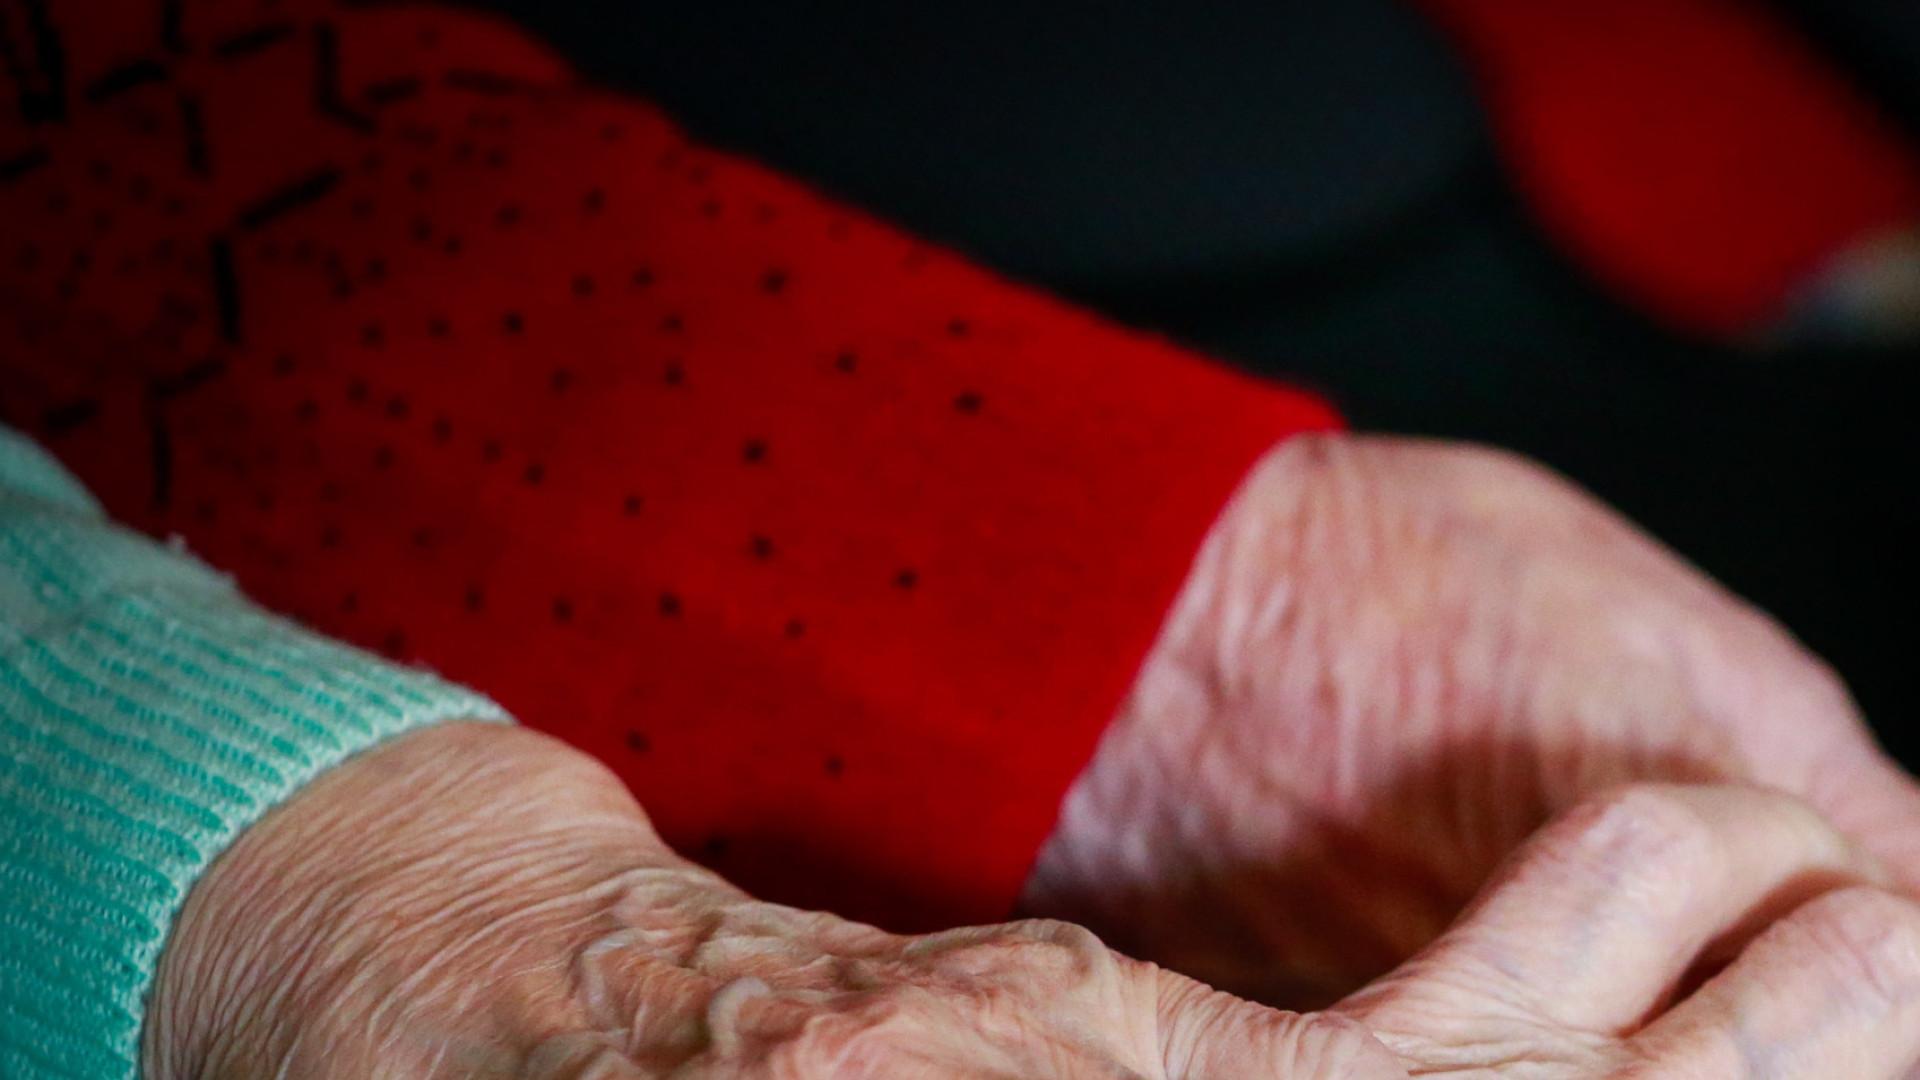 Esperança de vida à nascença em Portugal aumentou para 81,06 anos